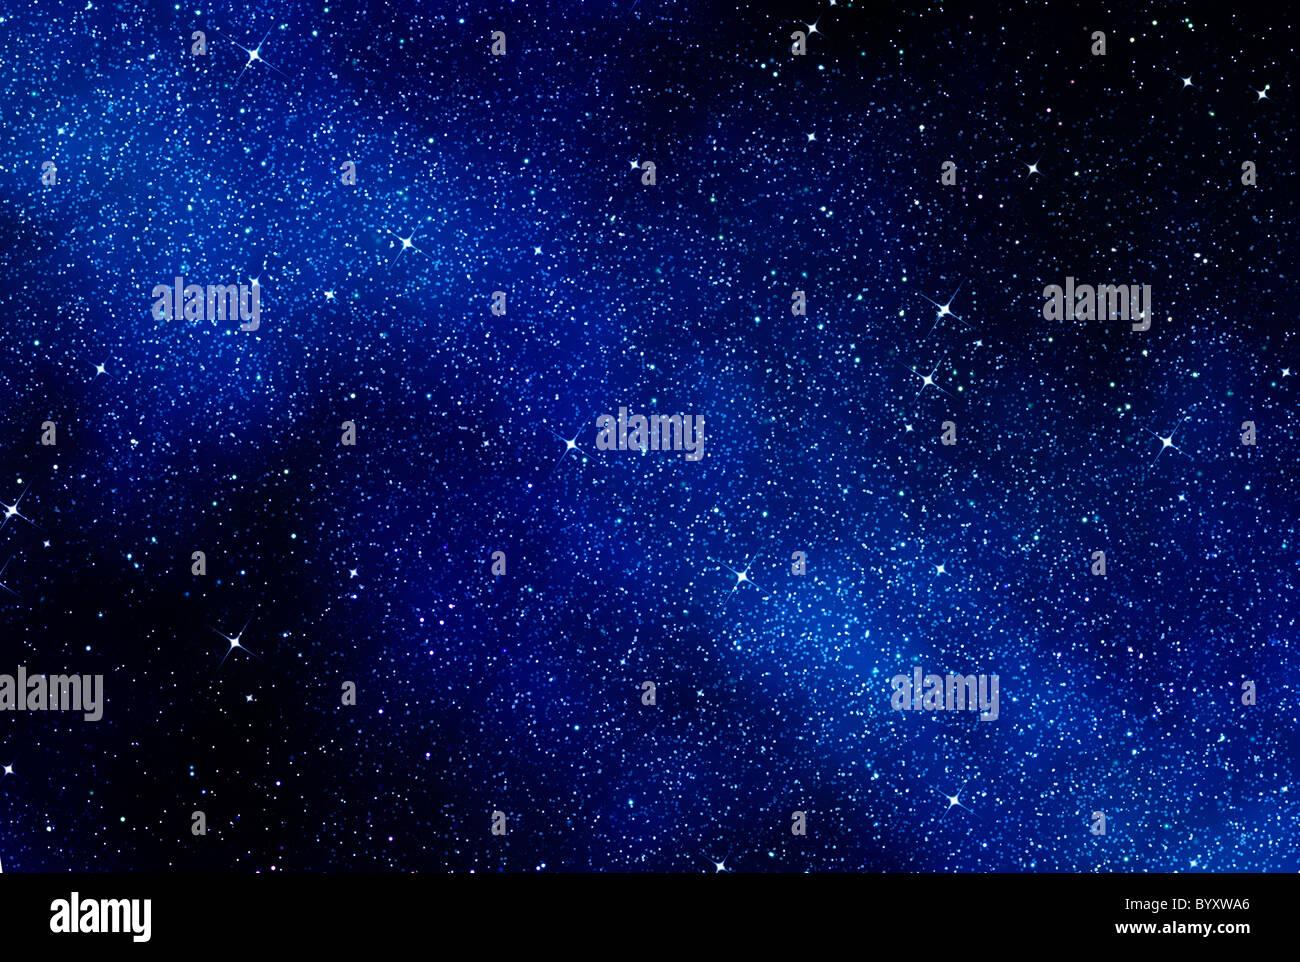 Grand droit de l'espace ou d'un ciel étoilé Banque D'Images